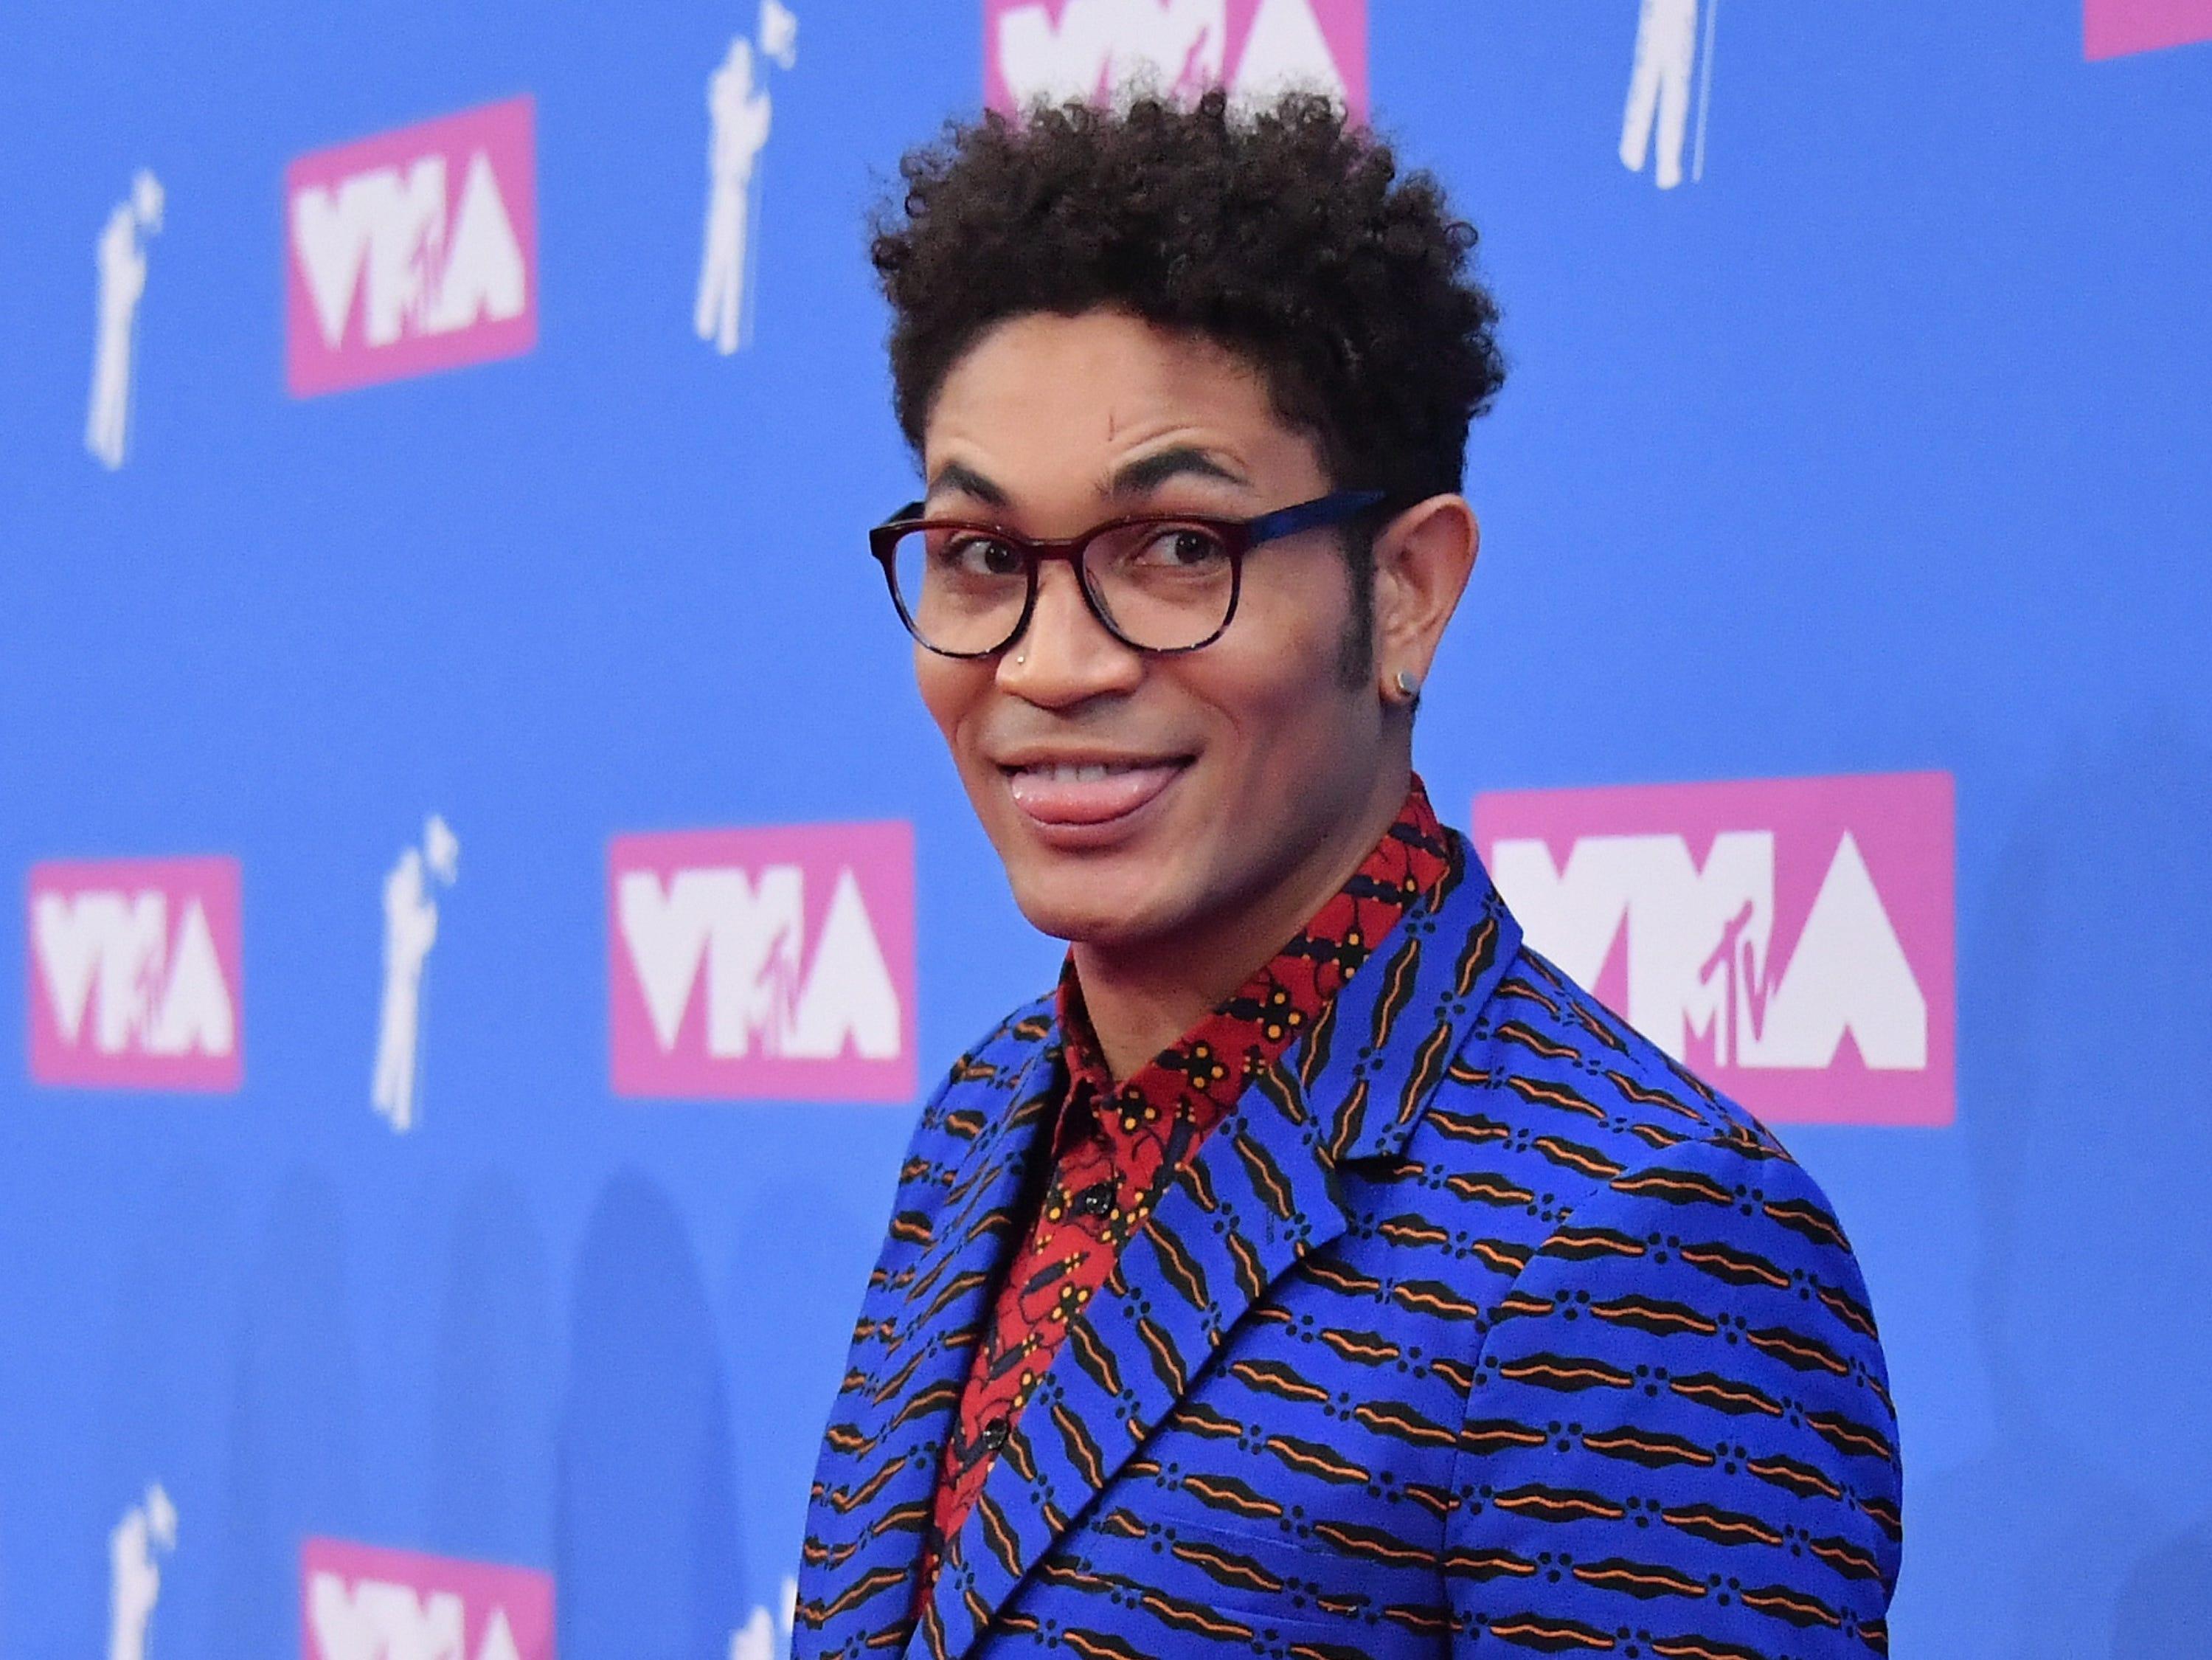 Bryce Vine asiste a los MTV Video Music Awards 2018 en el Radio City Music Hall el 20 de agosto de 2018 en la ciudad de Nueva York.